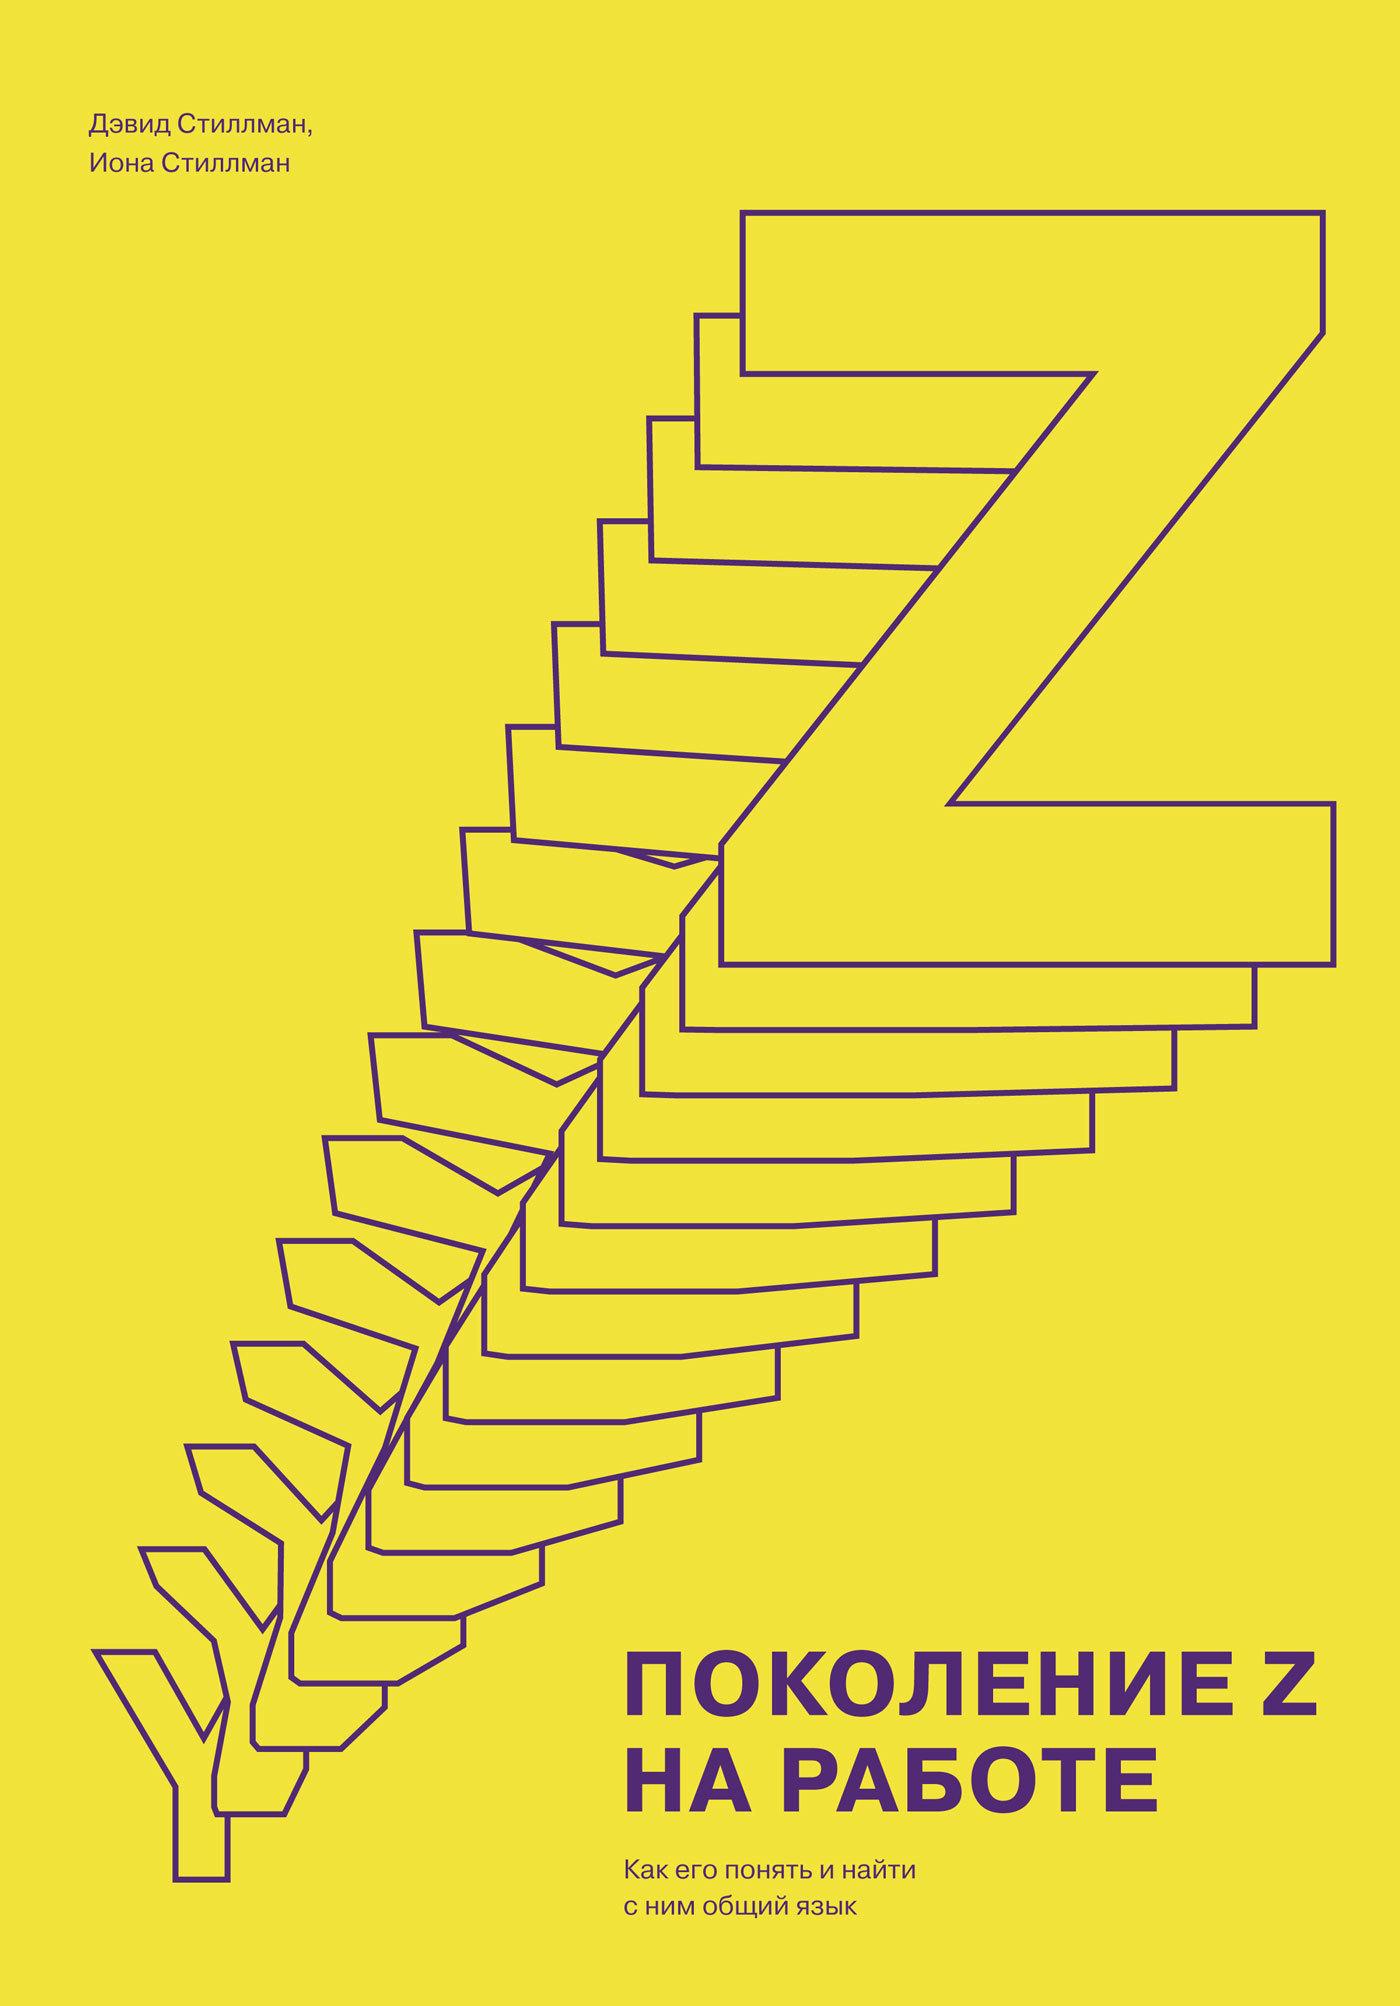 Книга Поколение Z на работе. Как его понять и найти с ним общий язык